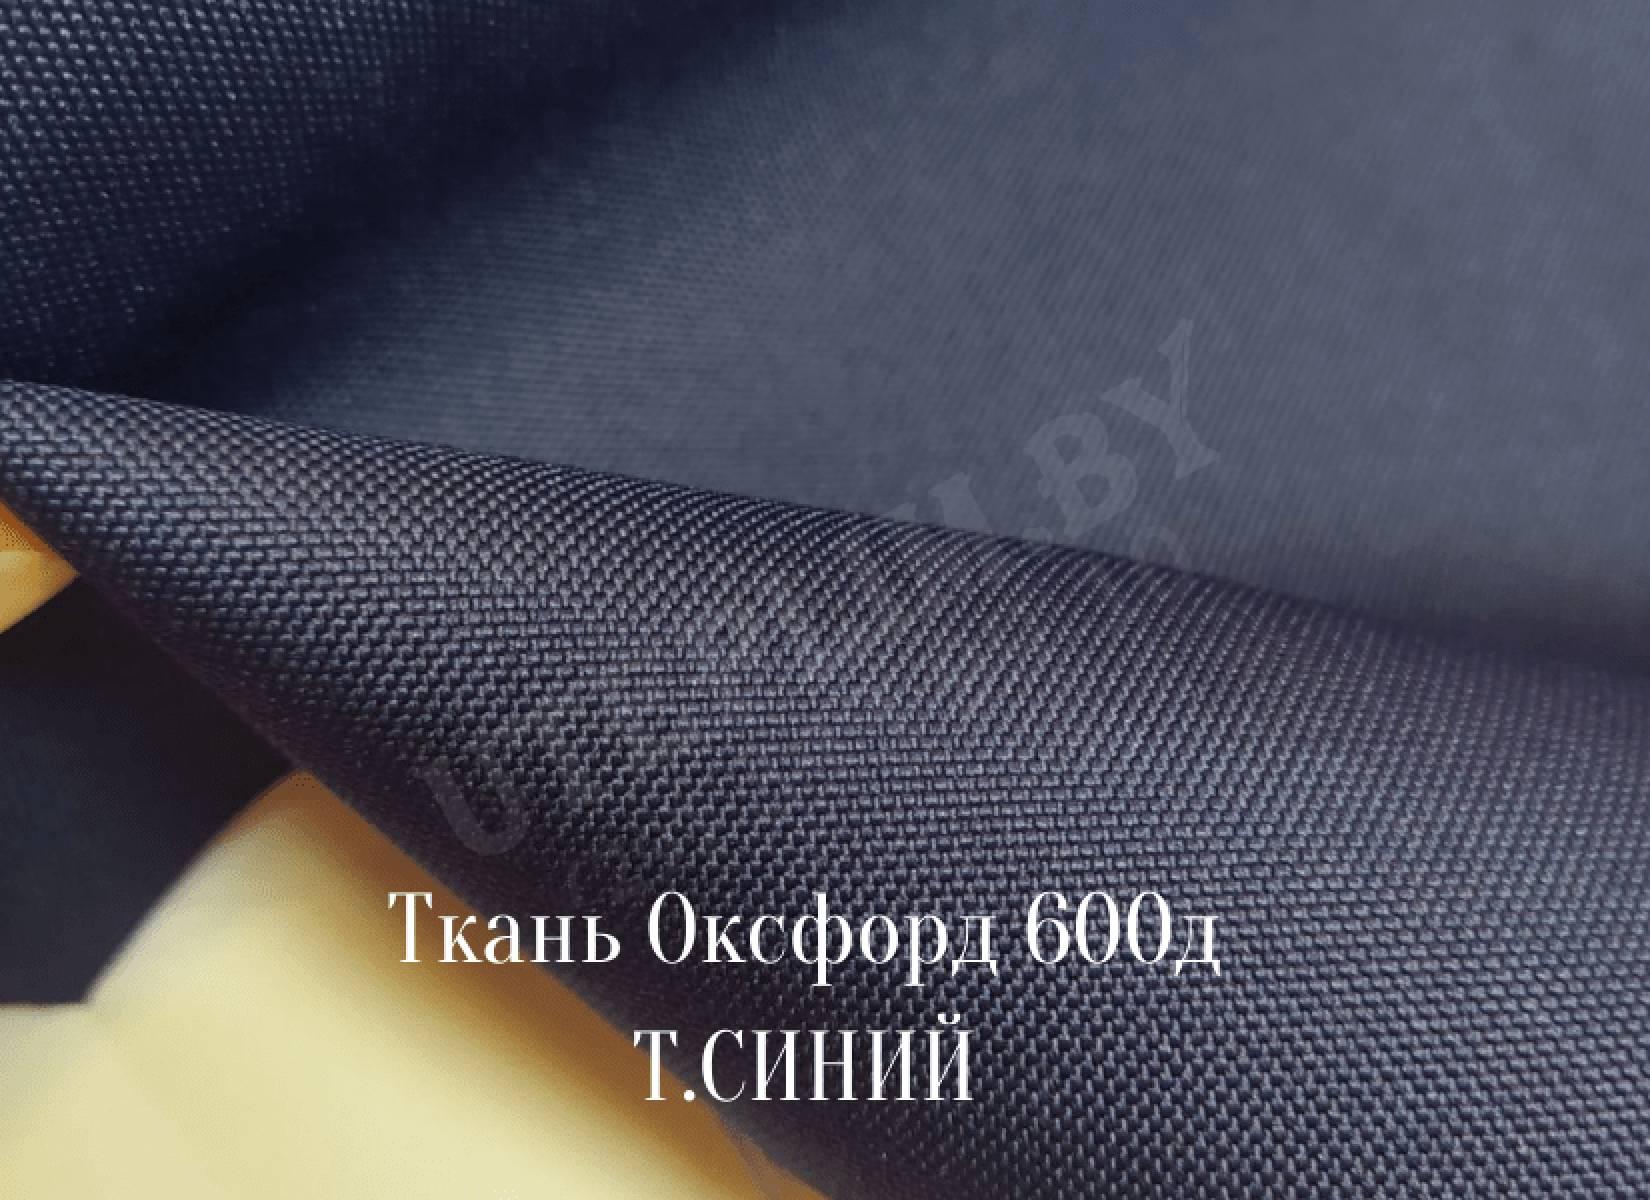 600д - т.синий